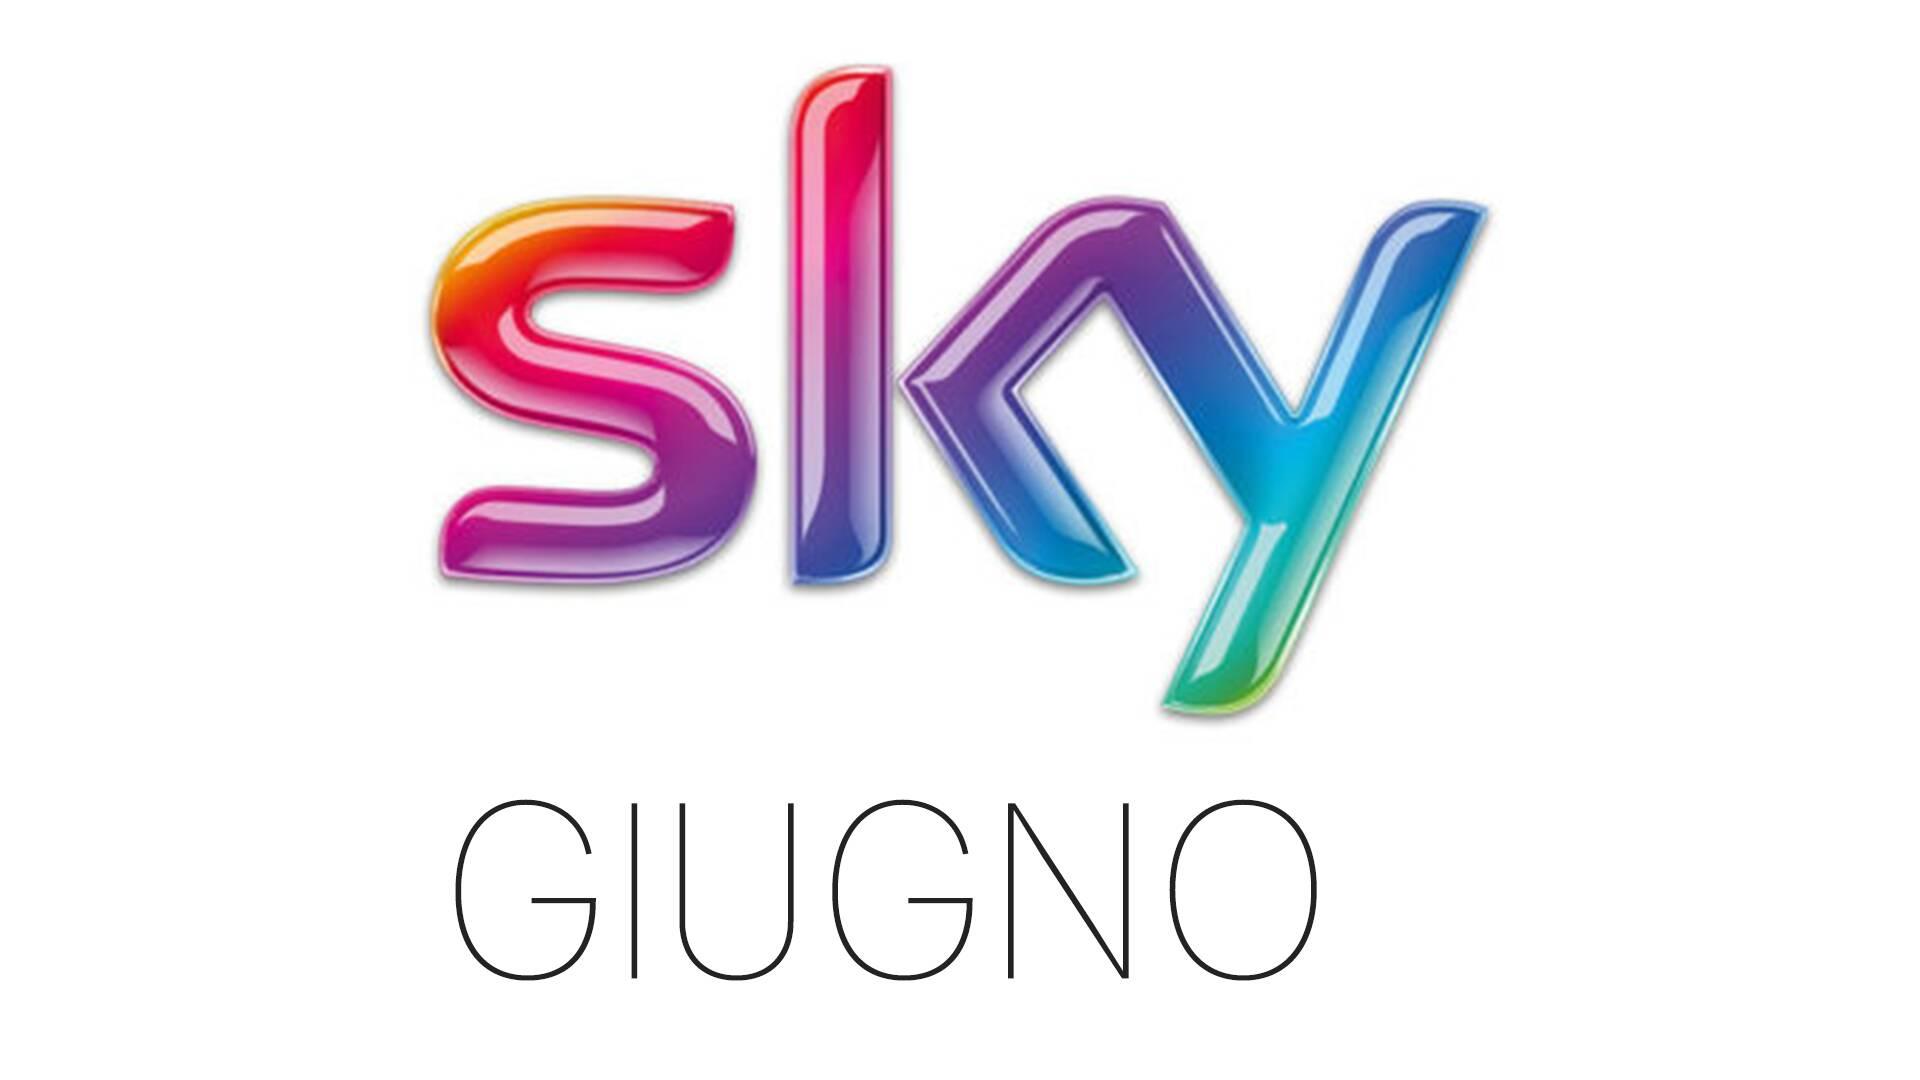 migliori film Sky di giugno